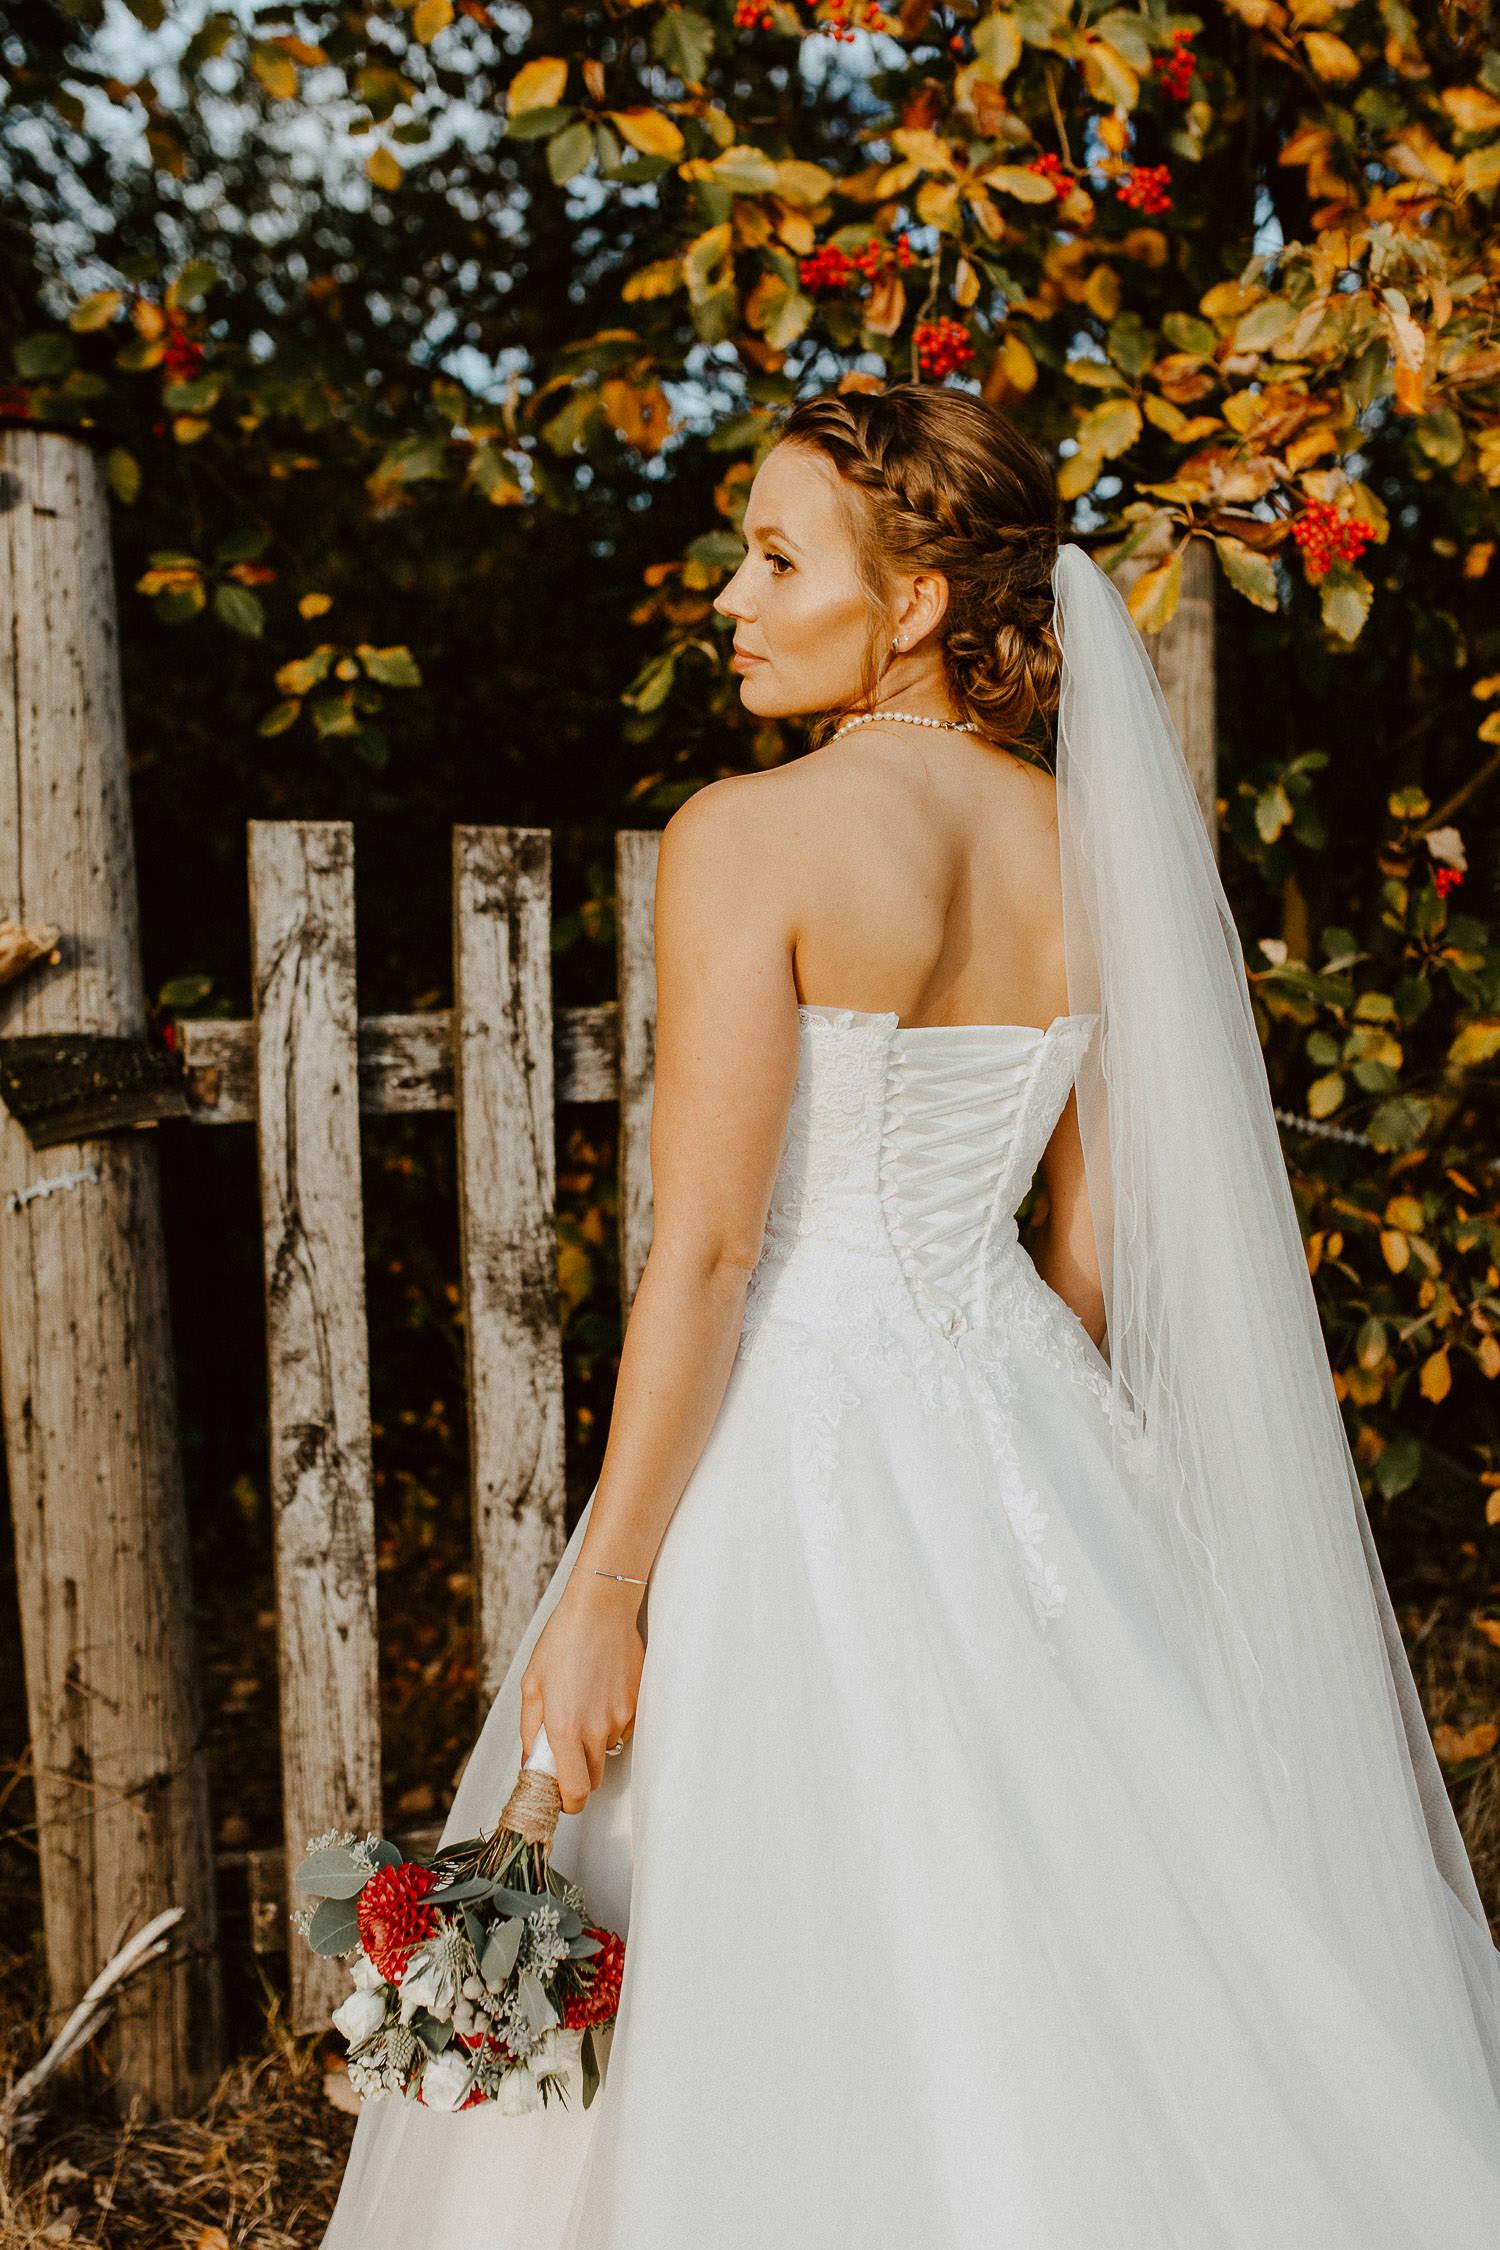 Braut Porträt von Hinten mit Schleier